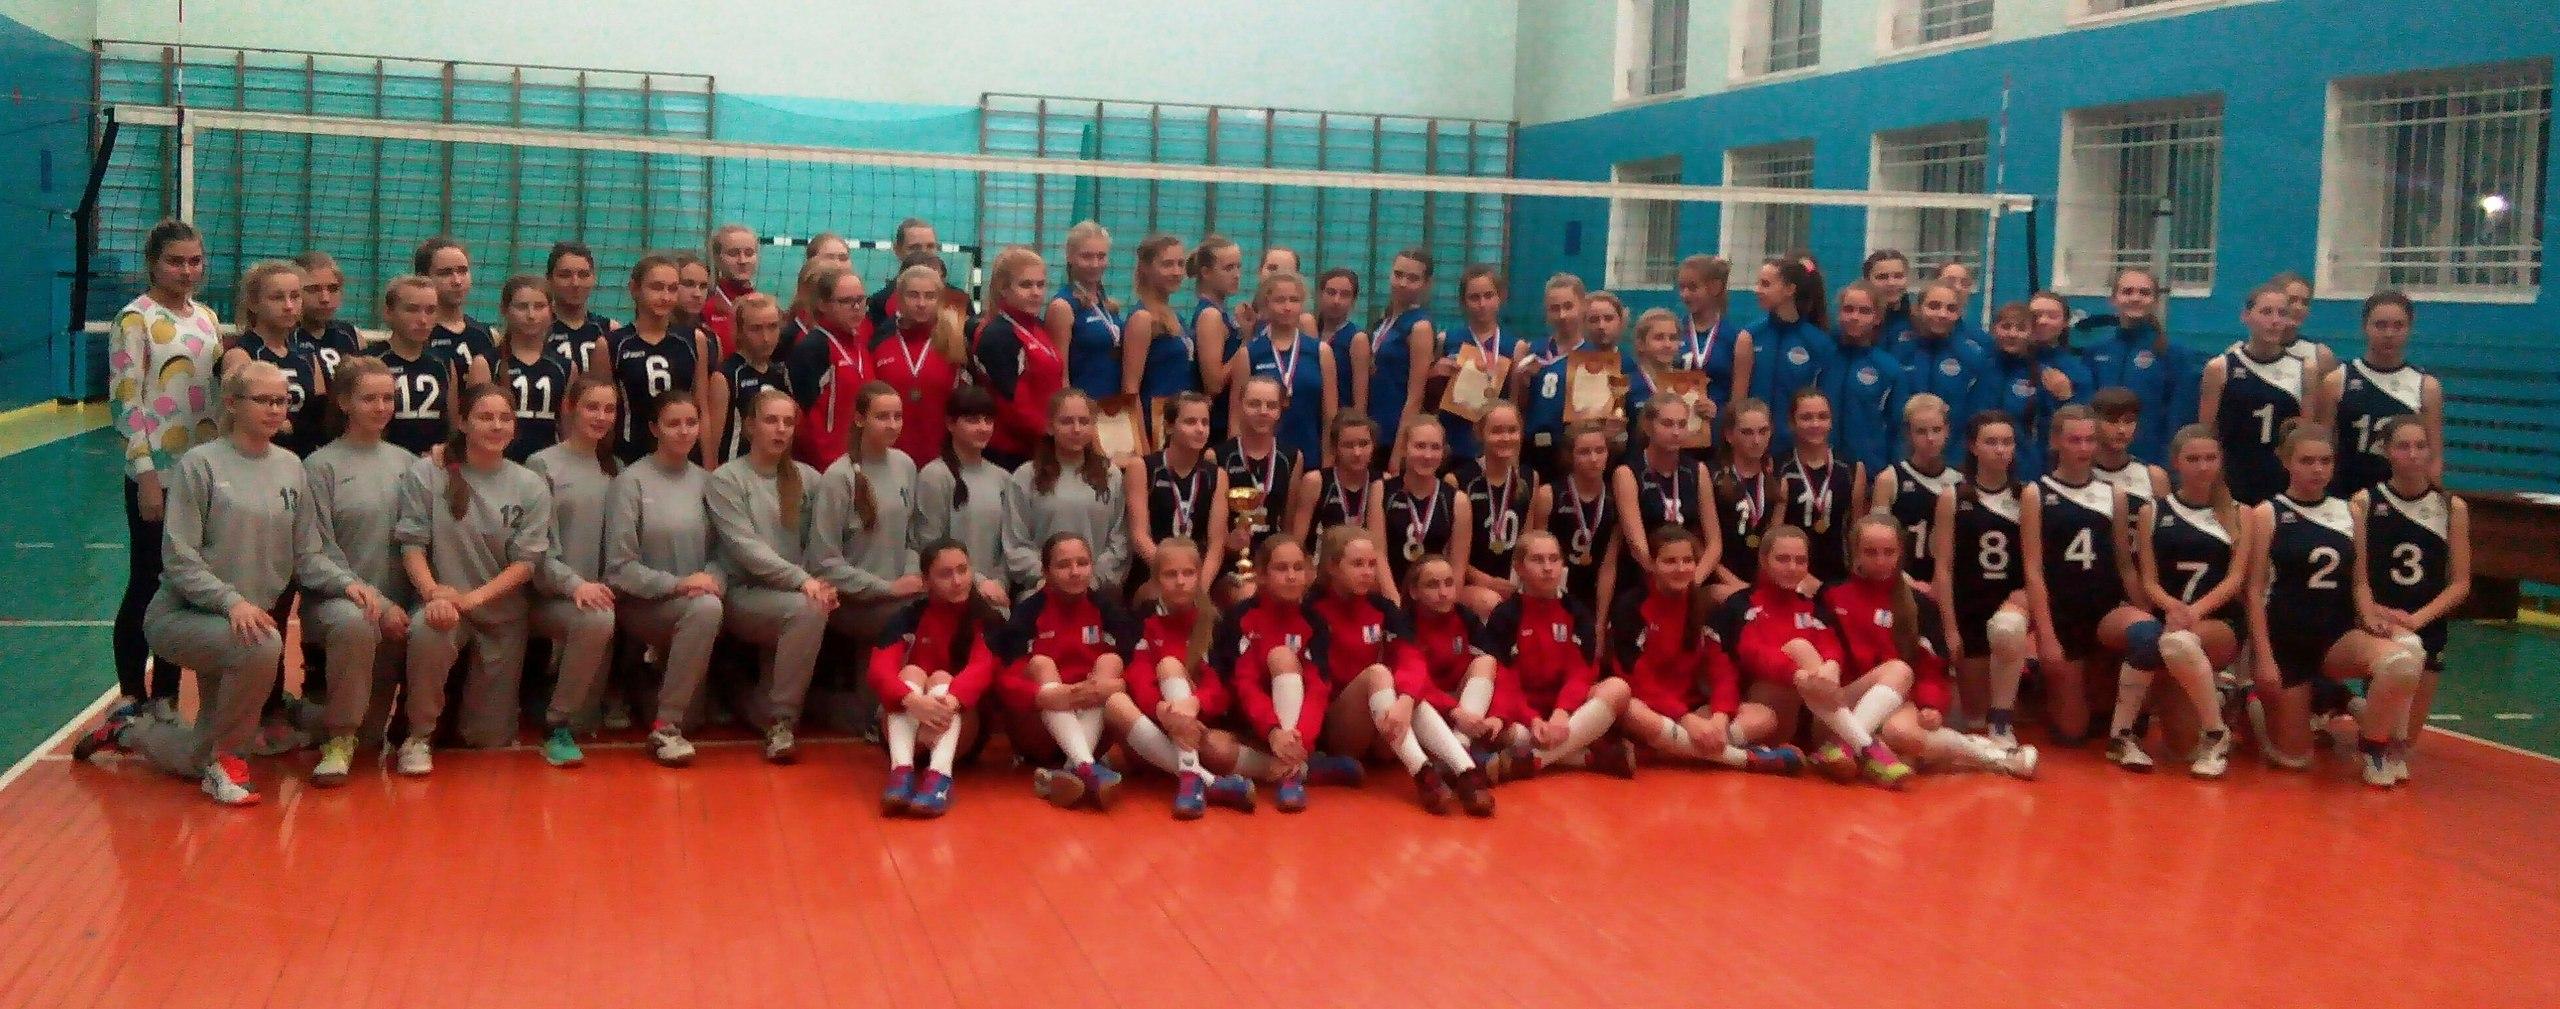 Зональный этап Первенства России по волейболу среди команд девушек 2002-2003 г.р. сезона 2016/2017.